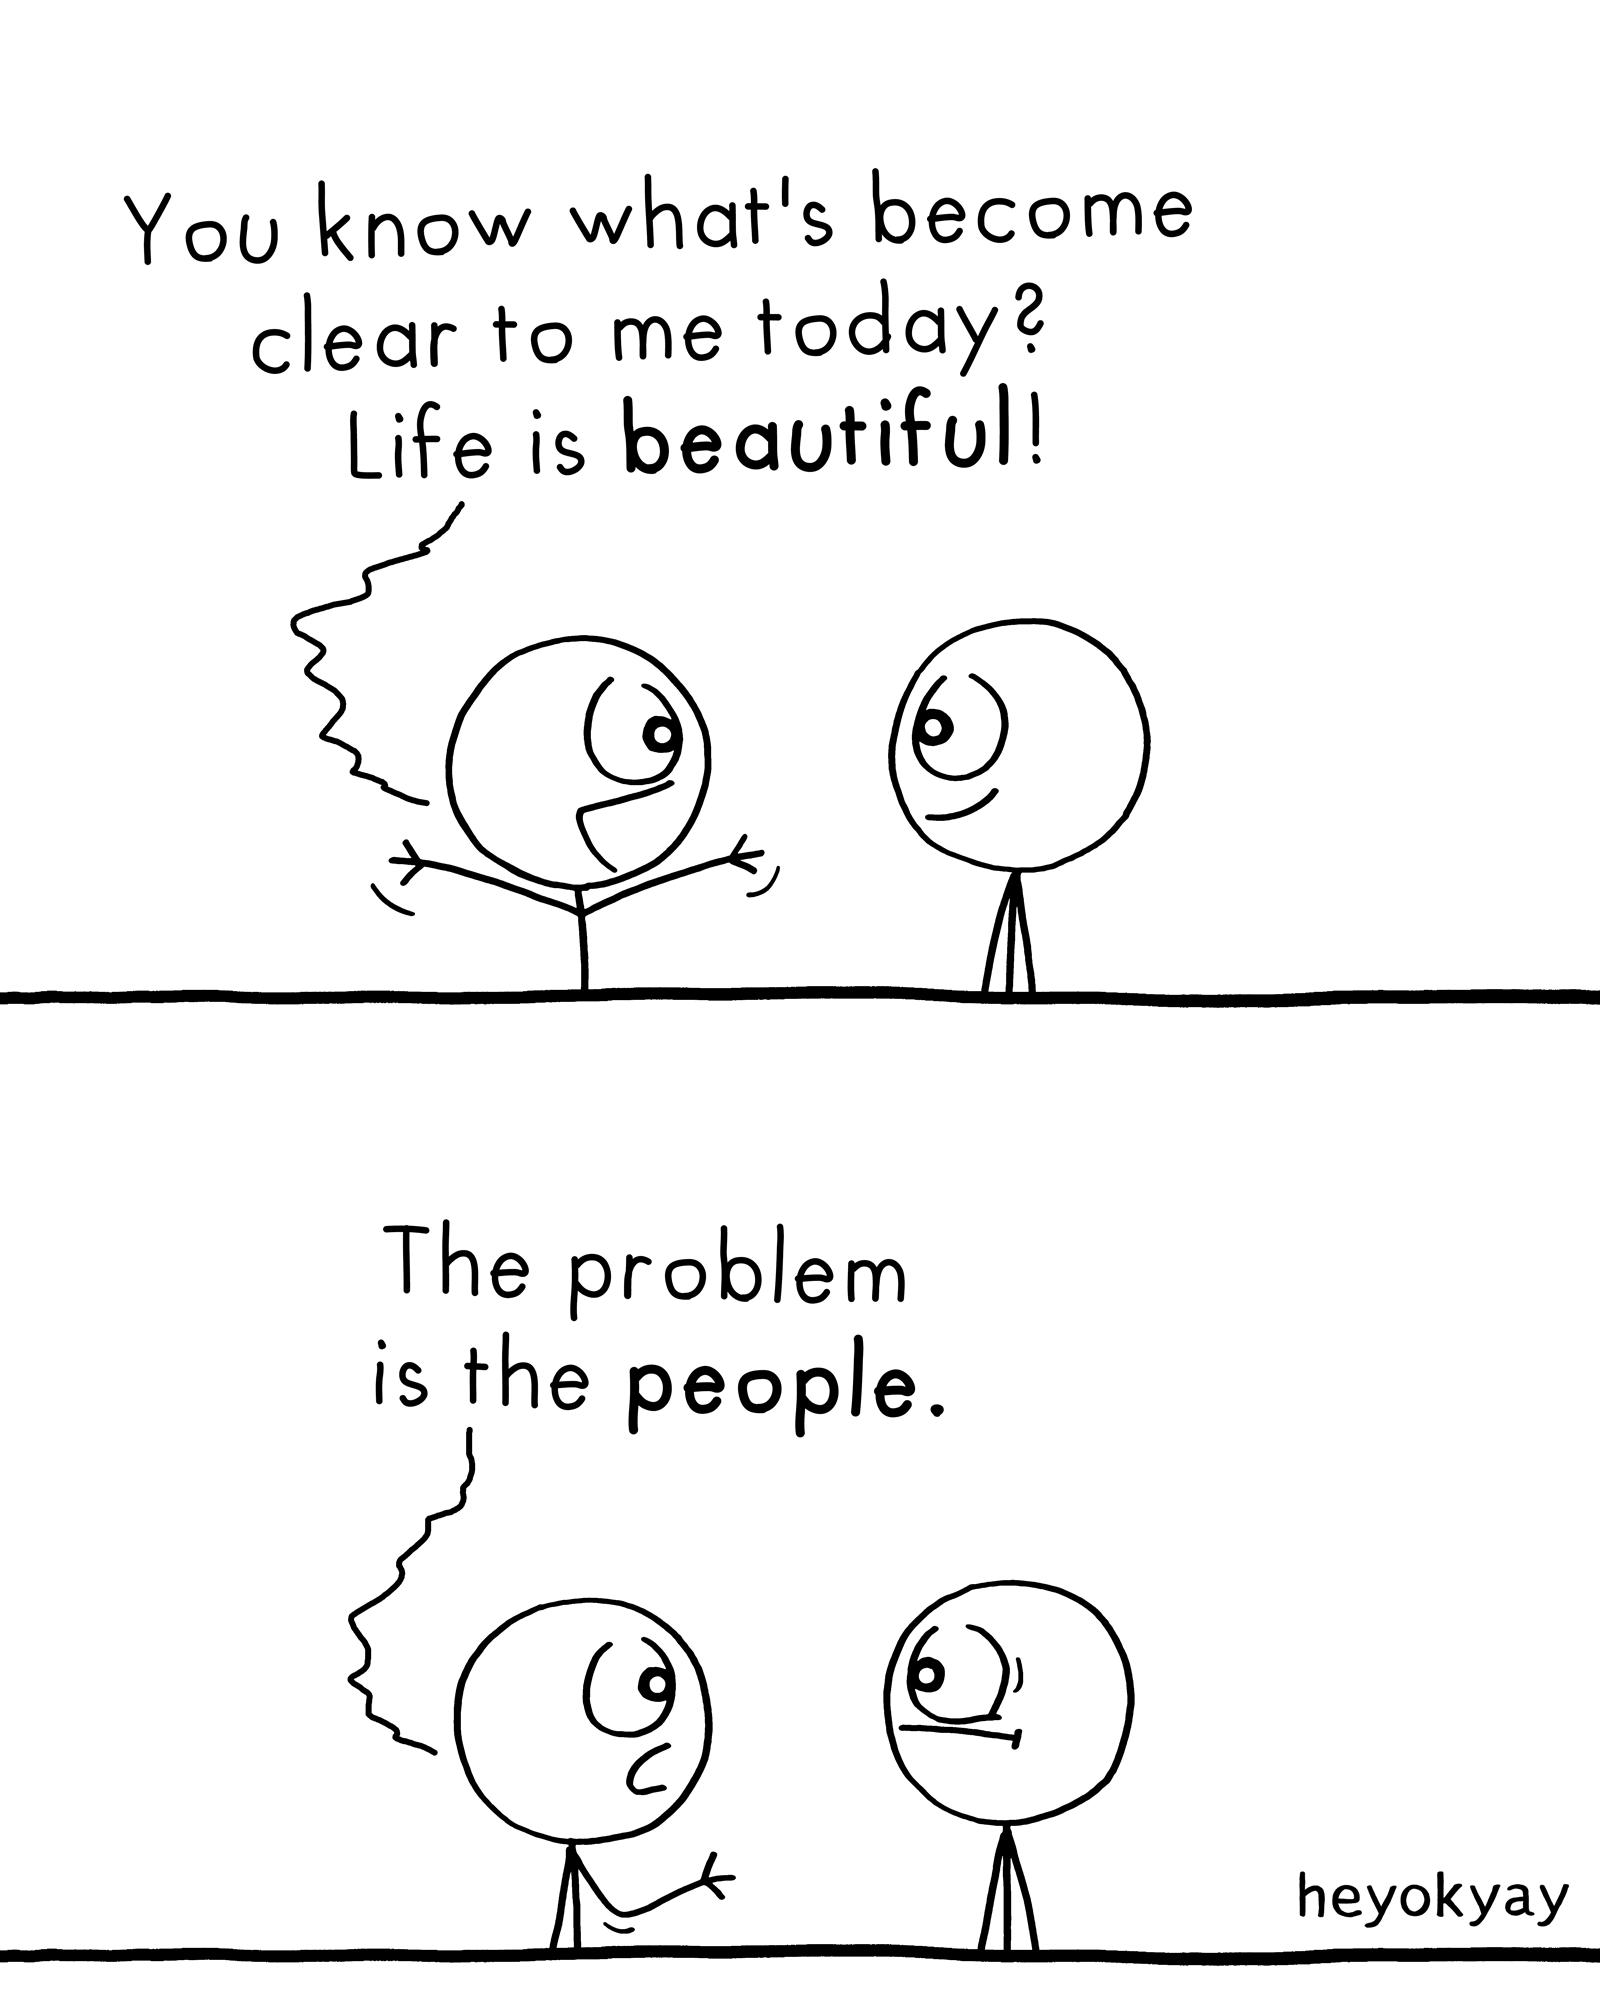 Life heyokyay comic